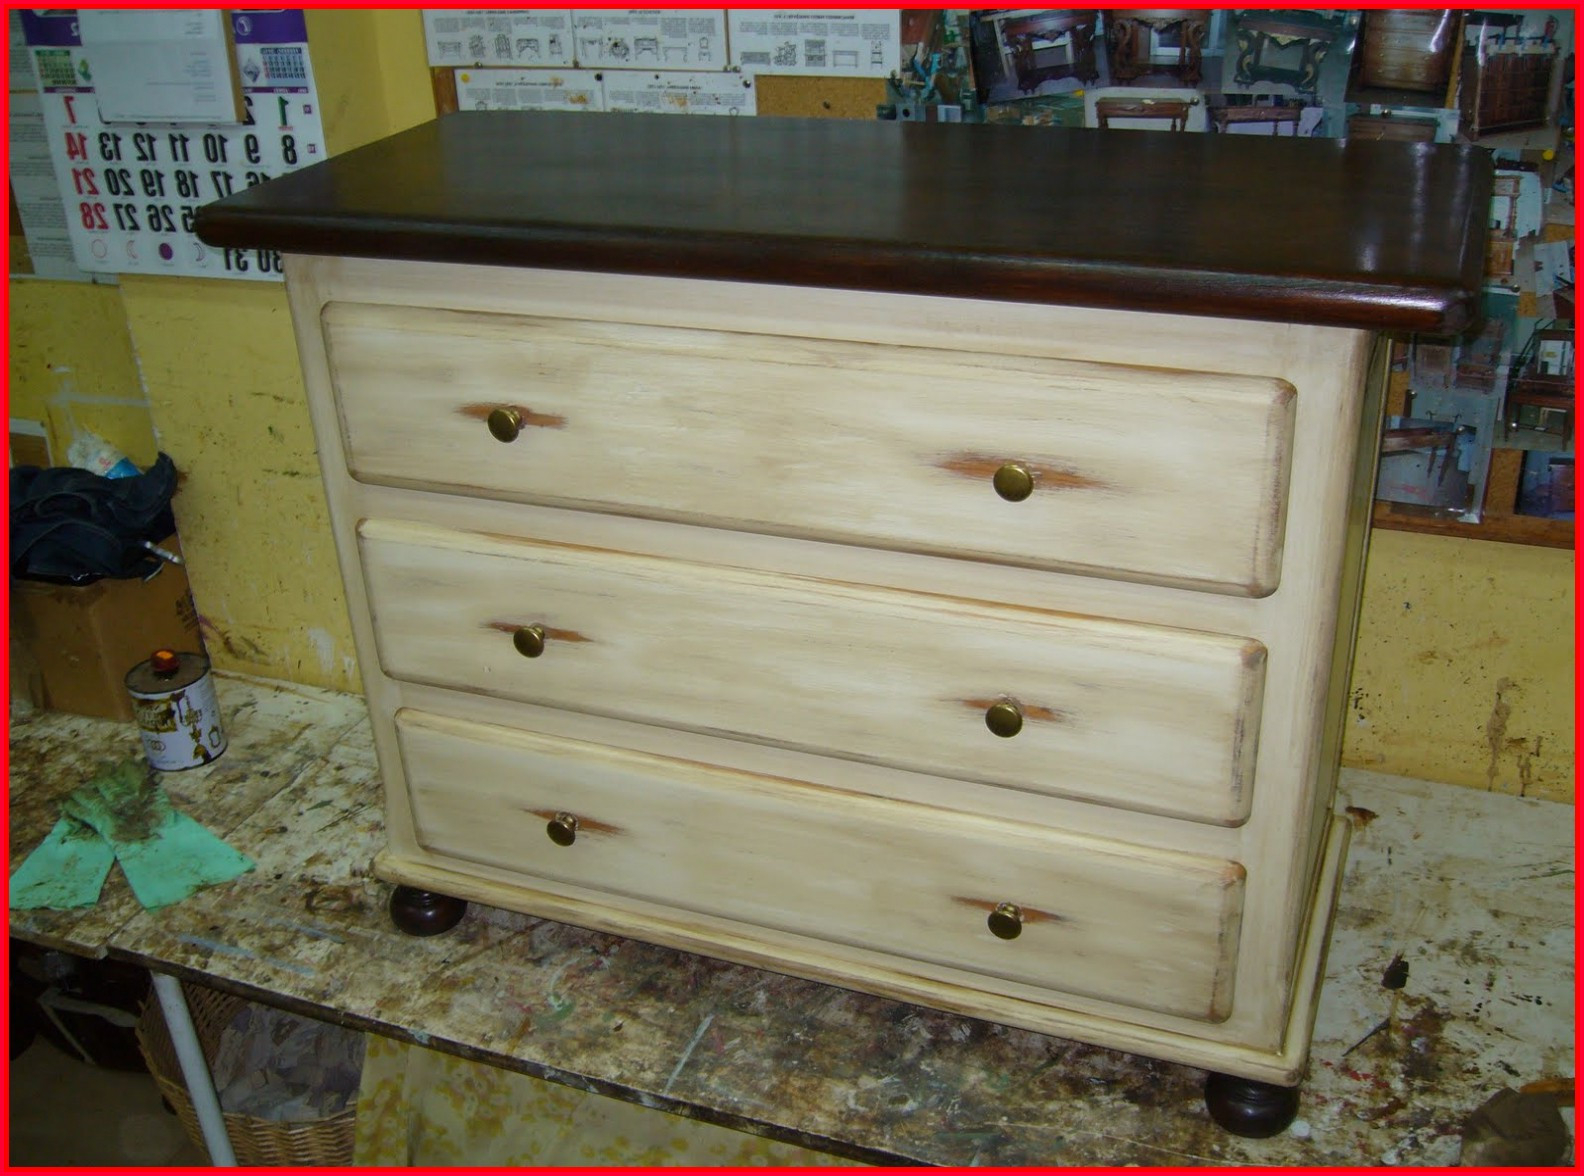 Venta De Muebles Antiguos Para Restaurar J7do Prar Muebles Para Restaurar Prar Muebles Para Restaurar